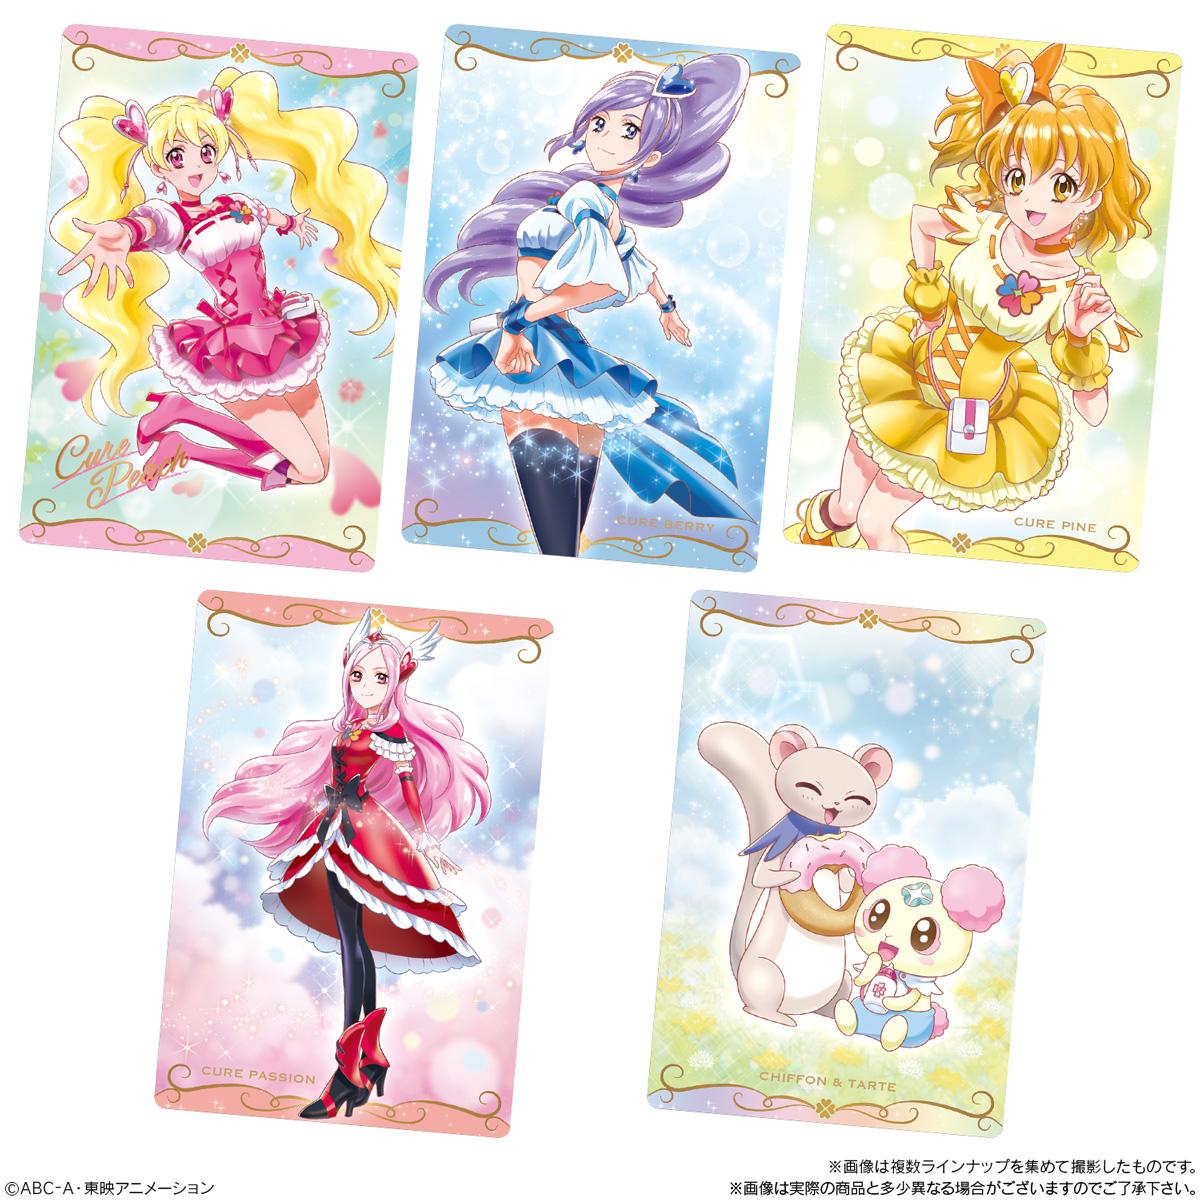 【食玩】プリキュア『プリキュア カードウエハース2』20個入りBOX-006